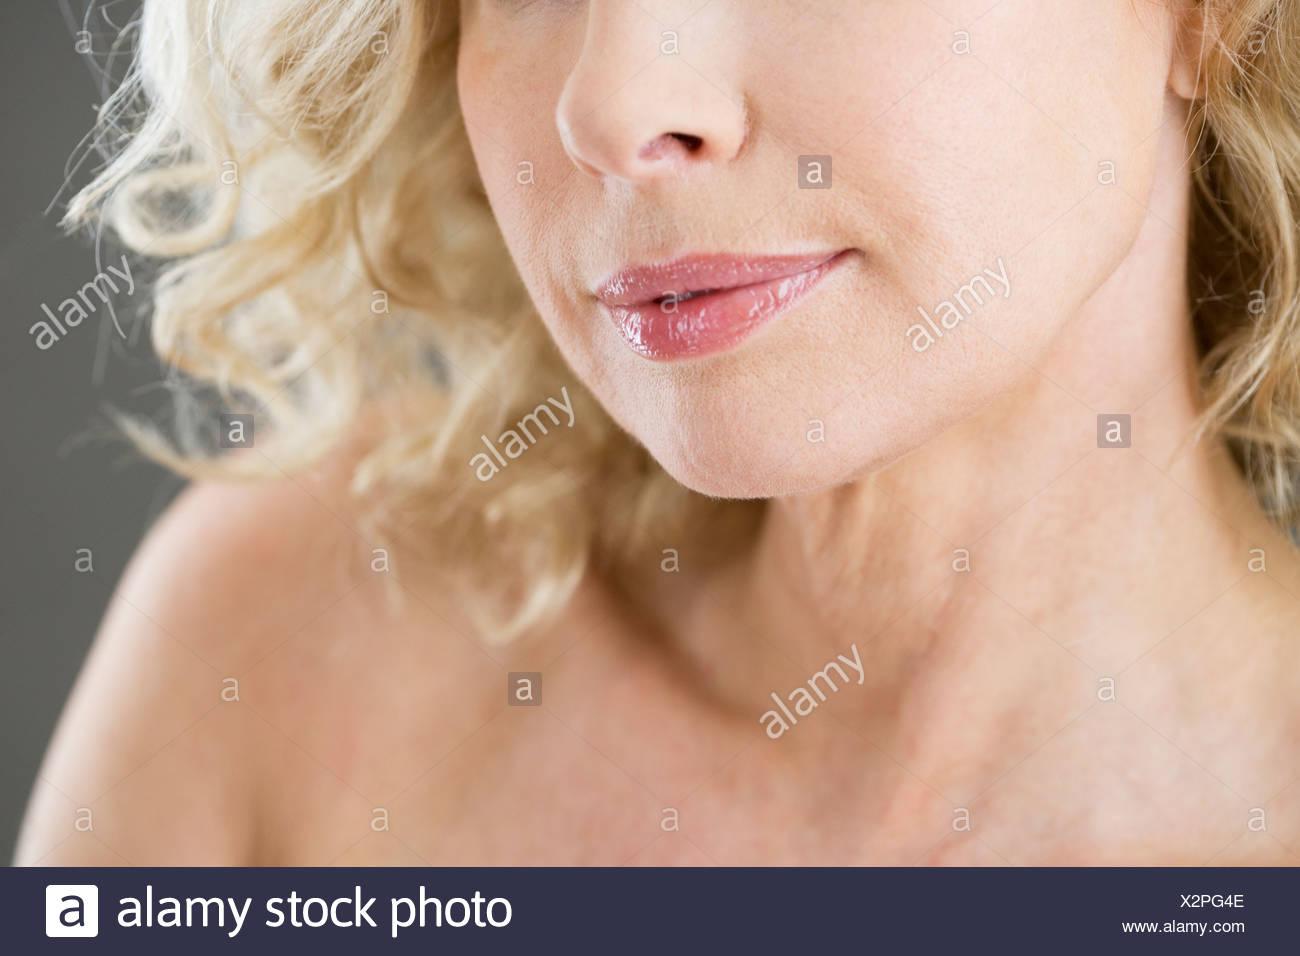 La face inférieure d'une femme d'âge moyen Photo Stock